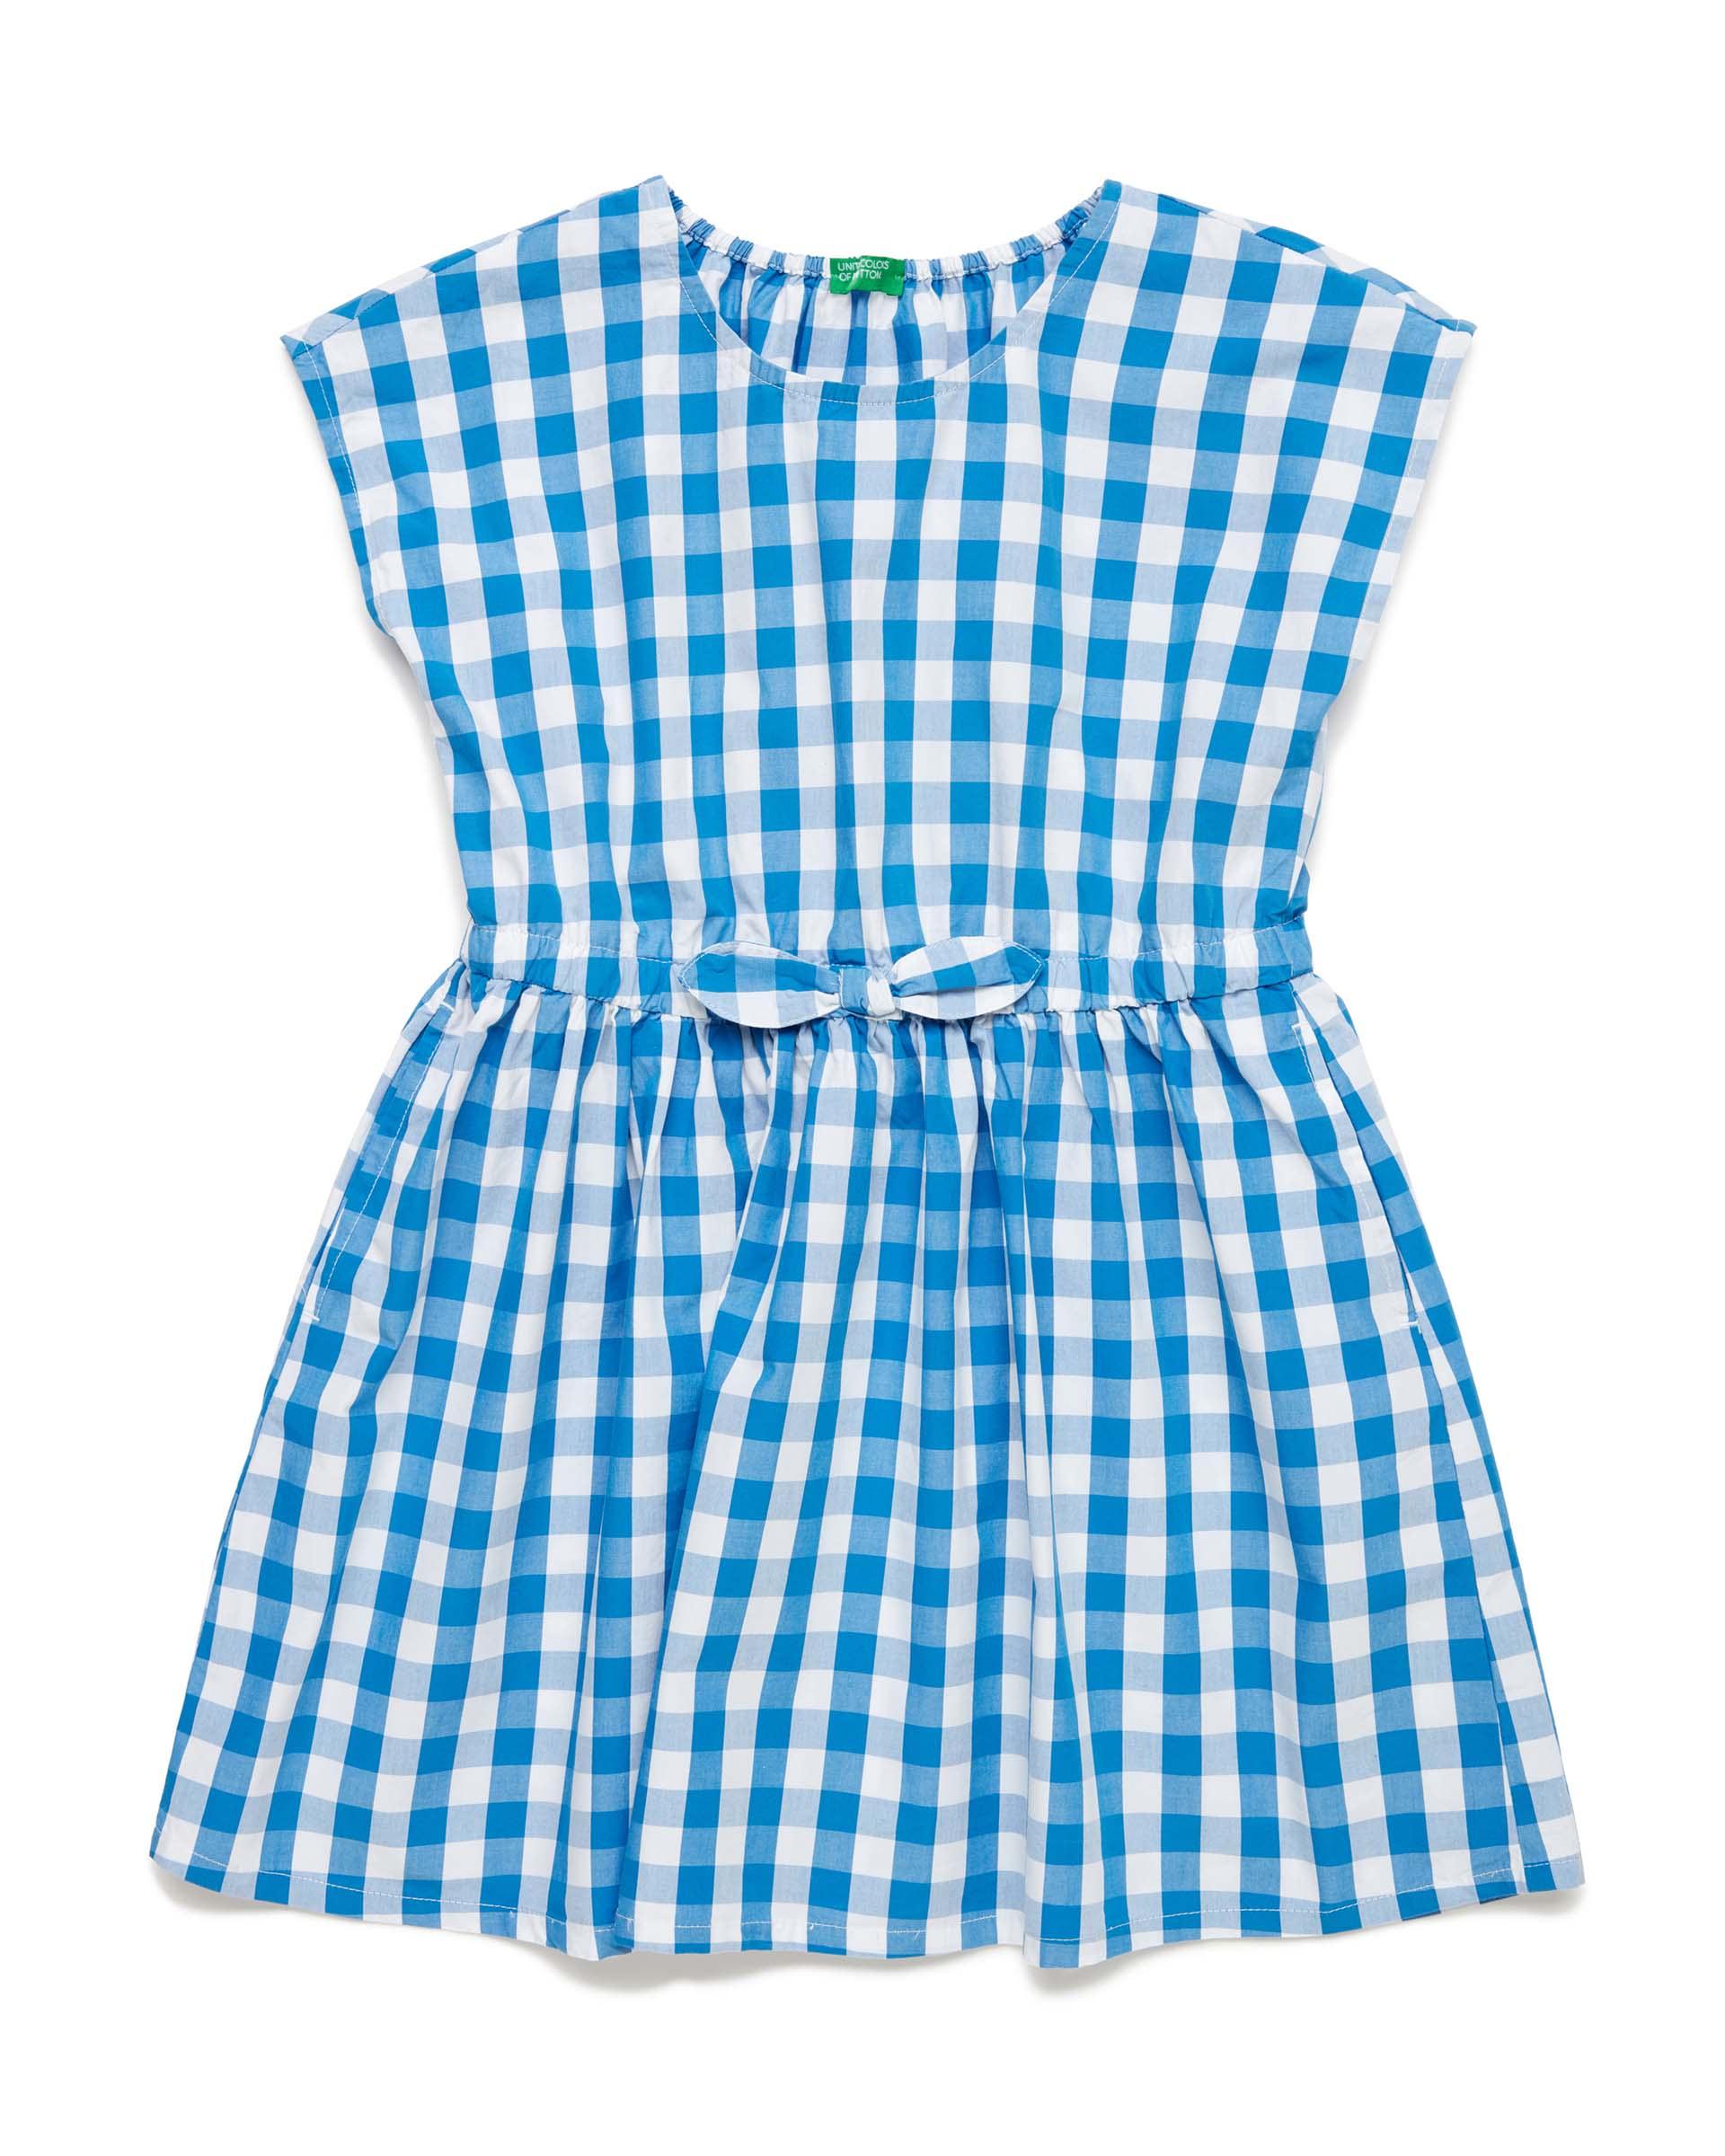 Купить 20P_4OT75VDG0_910, Платье для девочек Benetton 4OT75VDG0_910 р-р 170, United Colors of Benetton, Платья для девочек